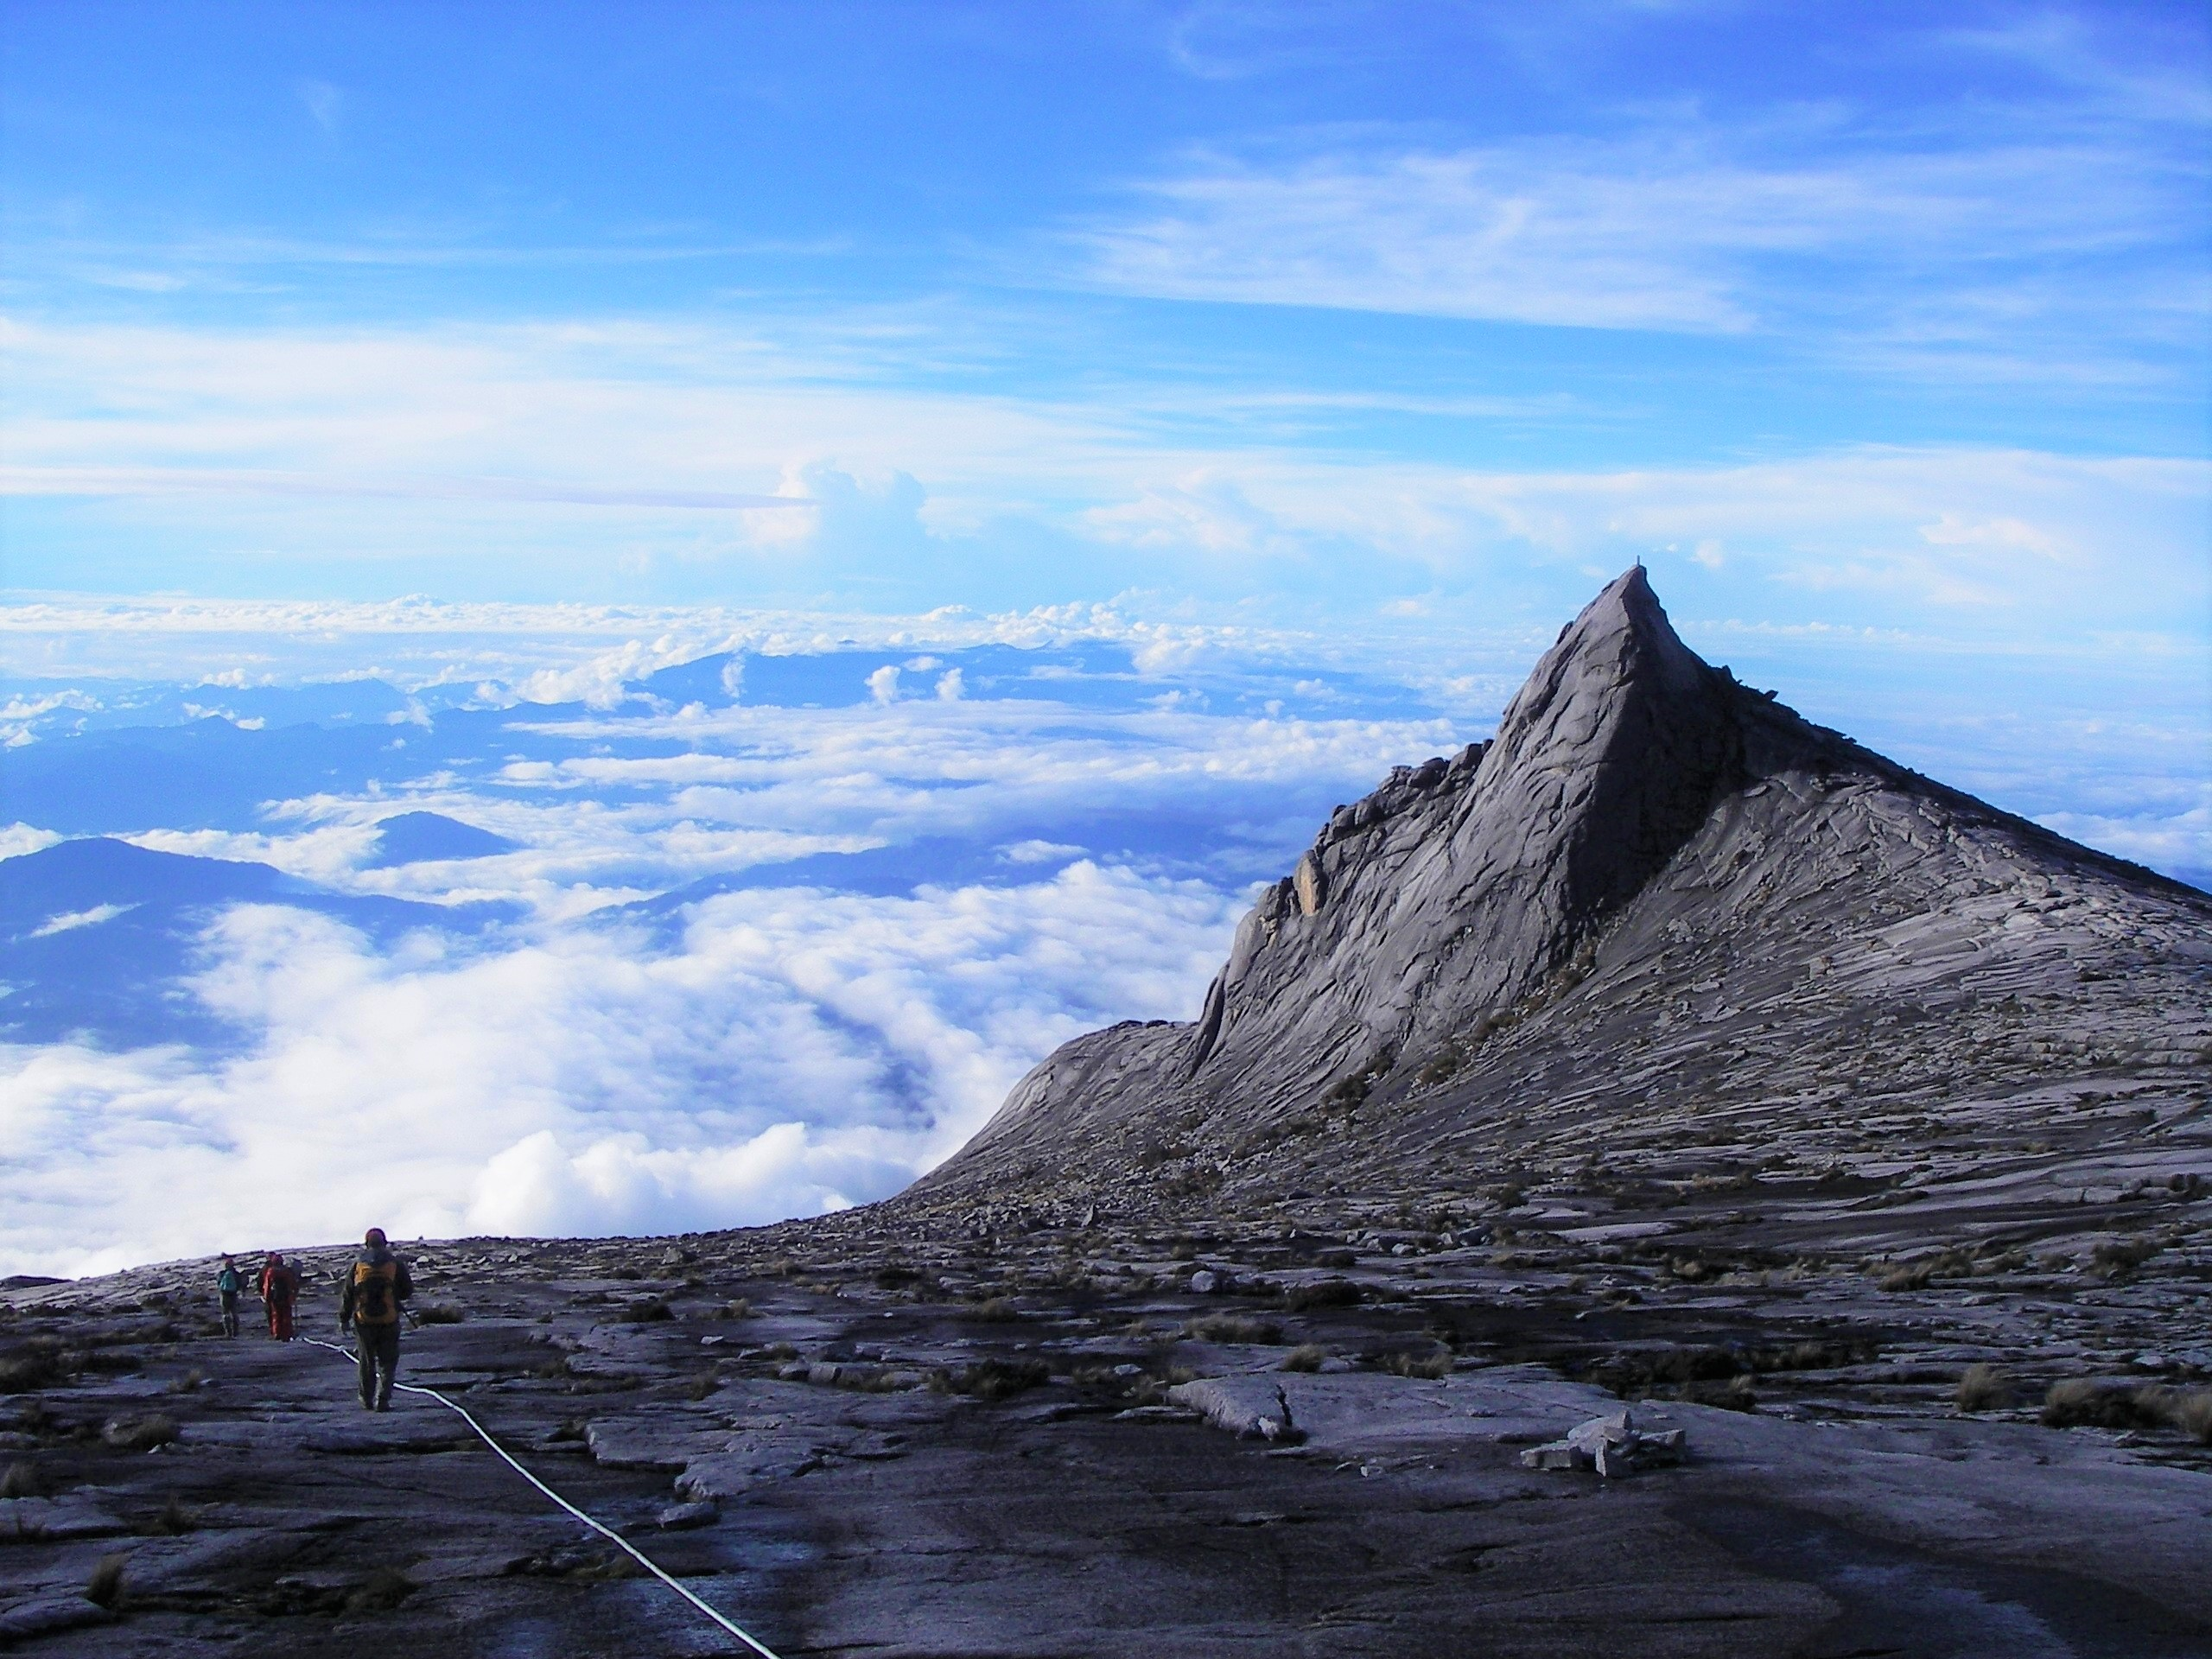 【催行間近/プロ・フリークライマー 平山ユージさんと行く】3月28日出発 マレーシア最高峰 Mt.キナバル登頂とヴィア・フェラータ 6日間